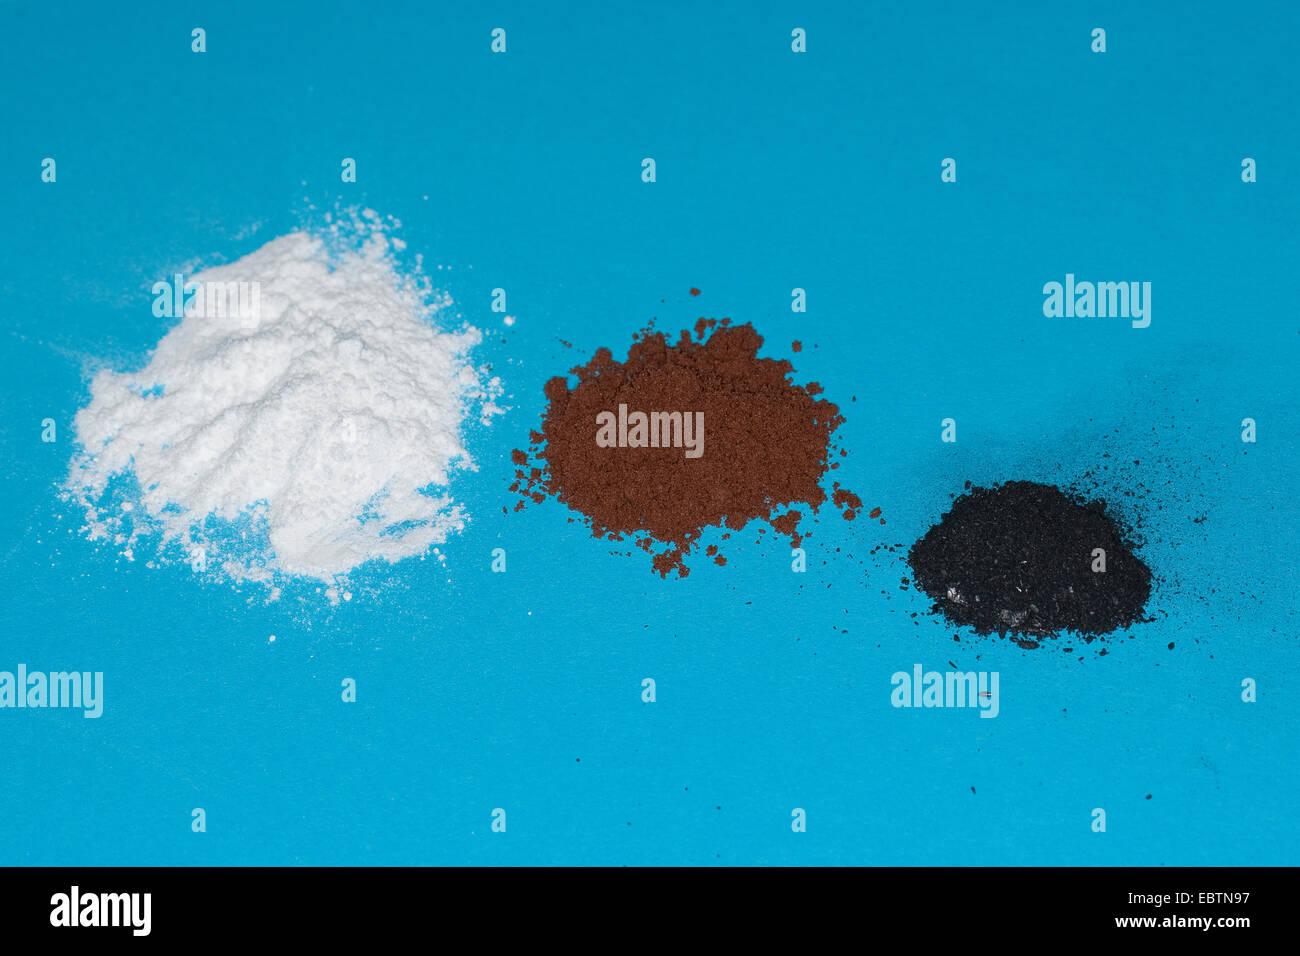 Materiale per la rilevazione delle impronte digitali: polvere, la polvere di cacao, grafite da una matita Immagini Stock